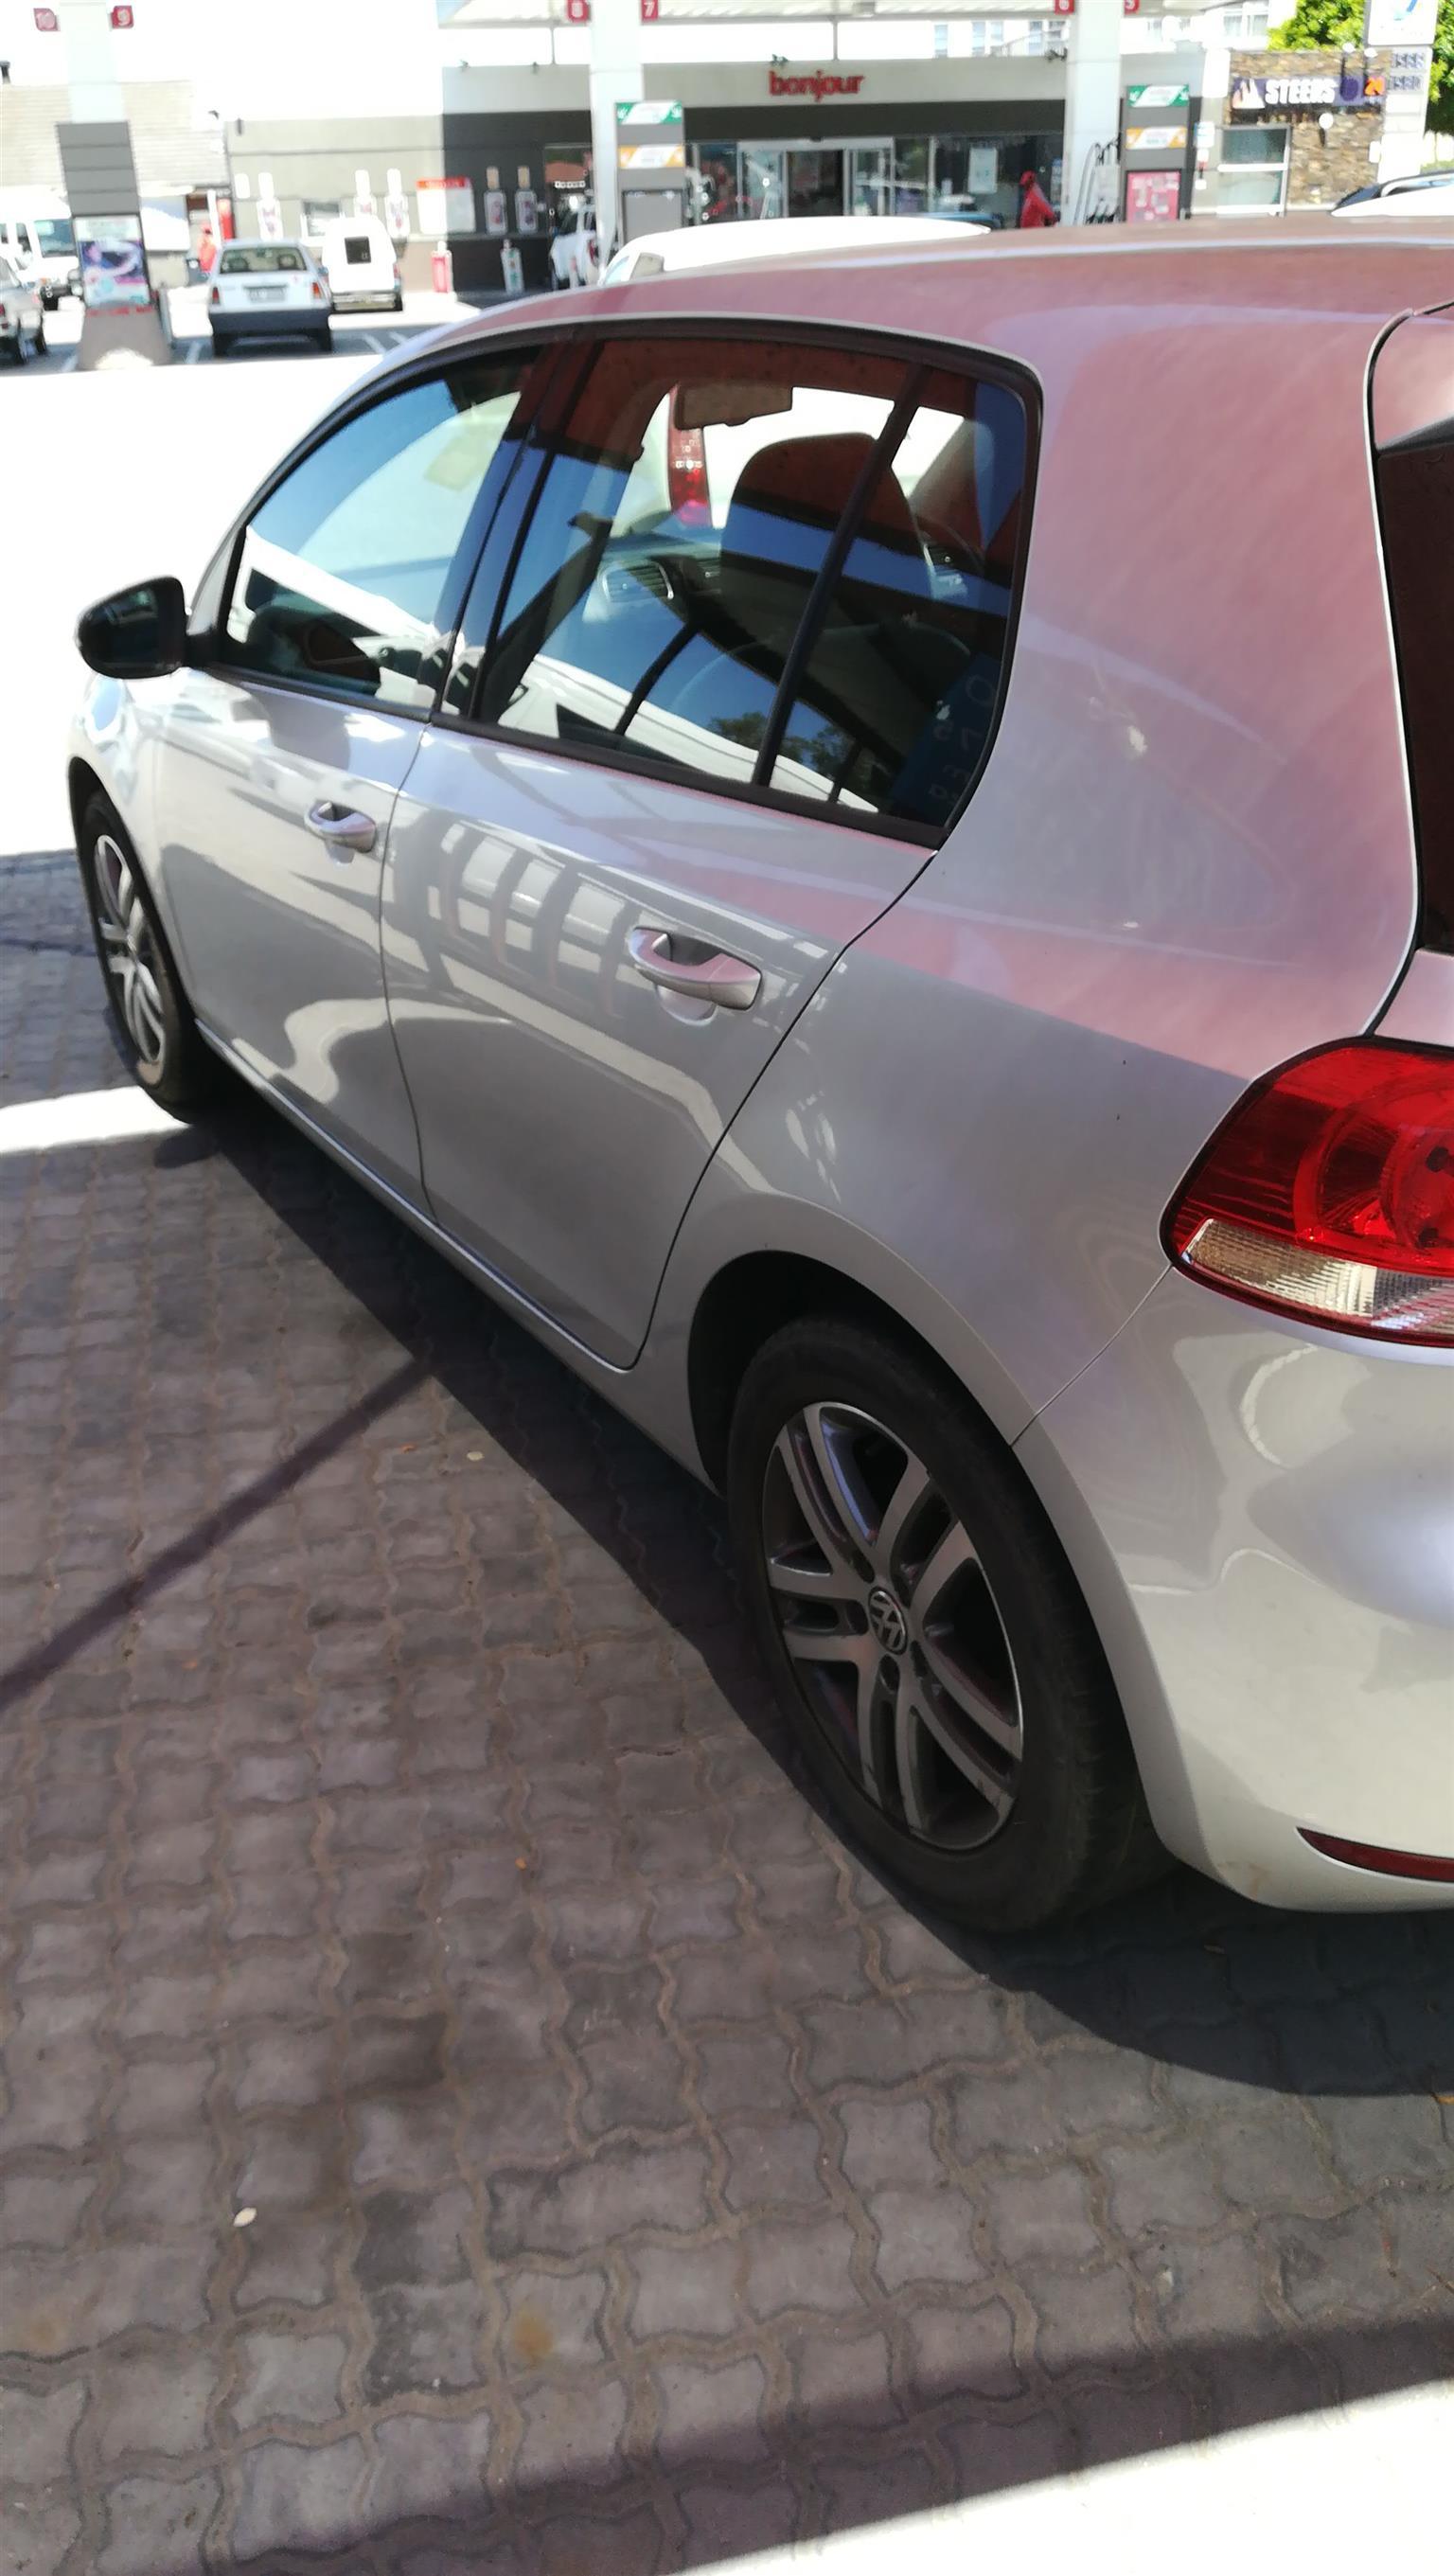 2011 VW Golf hatch GOLF VII GTD 2.0 TDI DSG